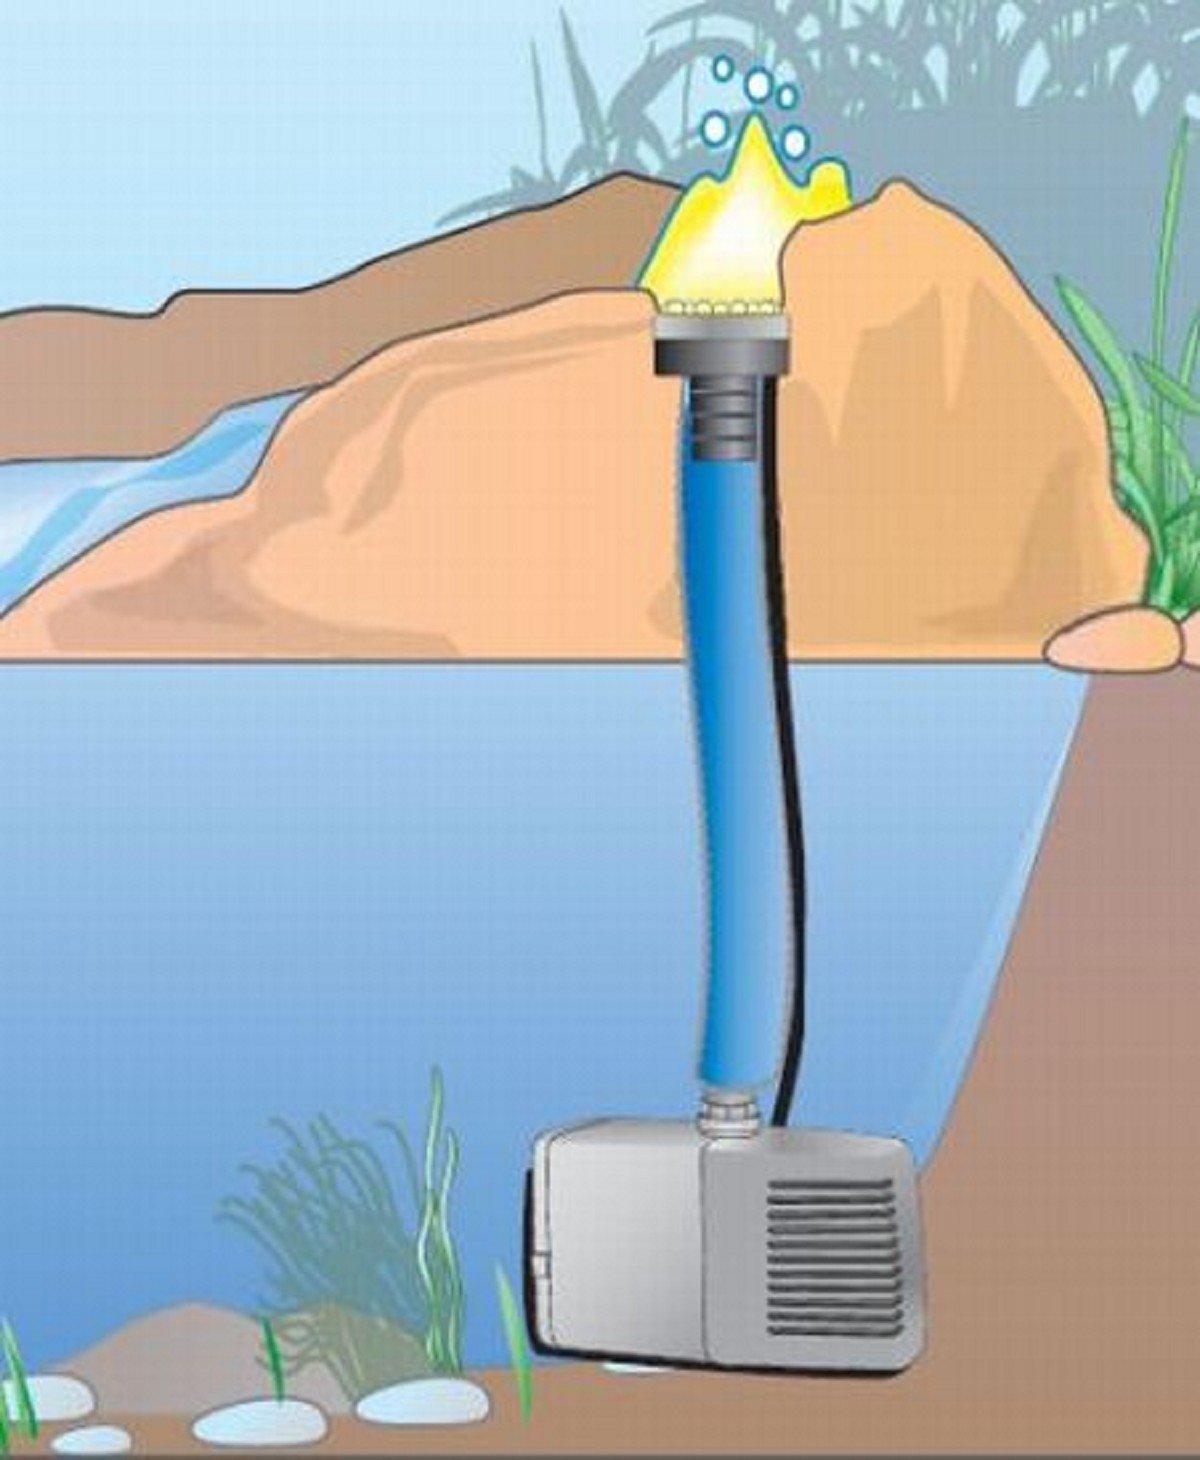 Seliger Quellsteinbeleuchtung Quellstar 900 LED 1 Anschluss Blau 78 x /Ø 48 mm